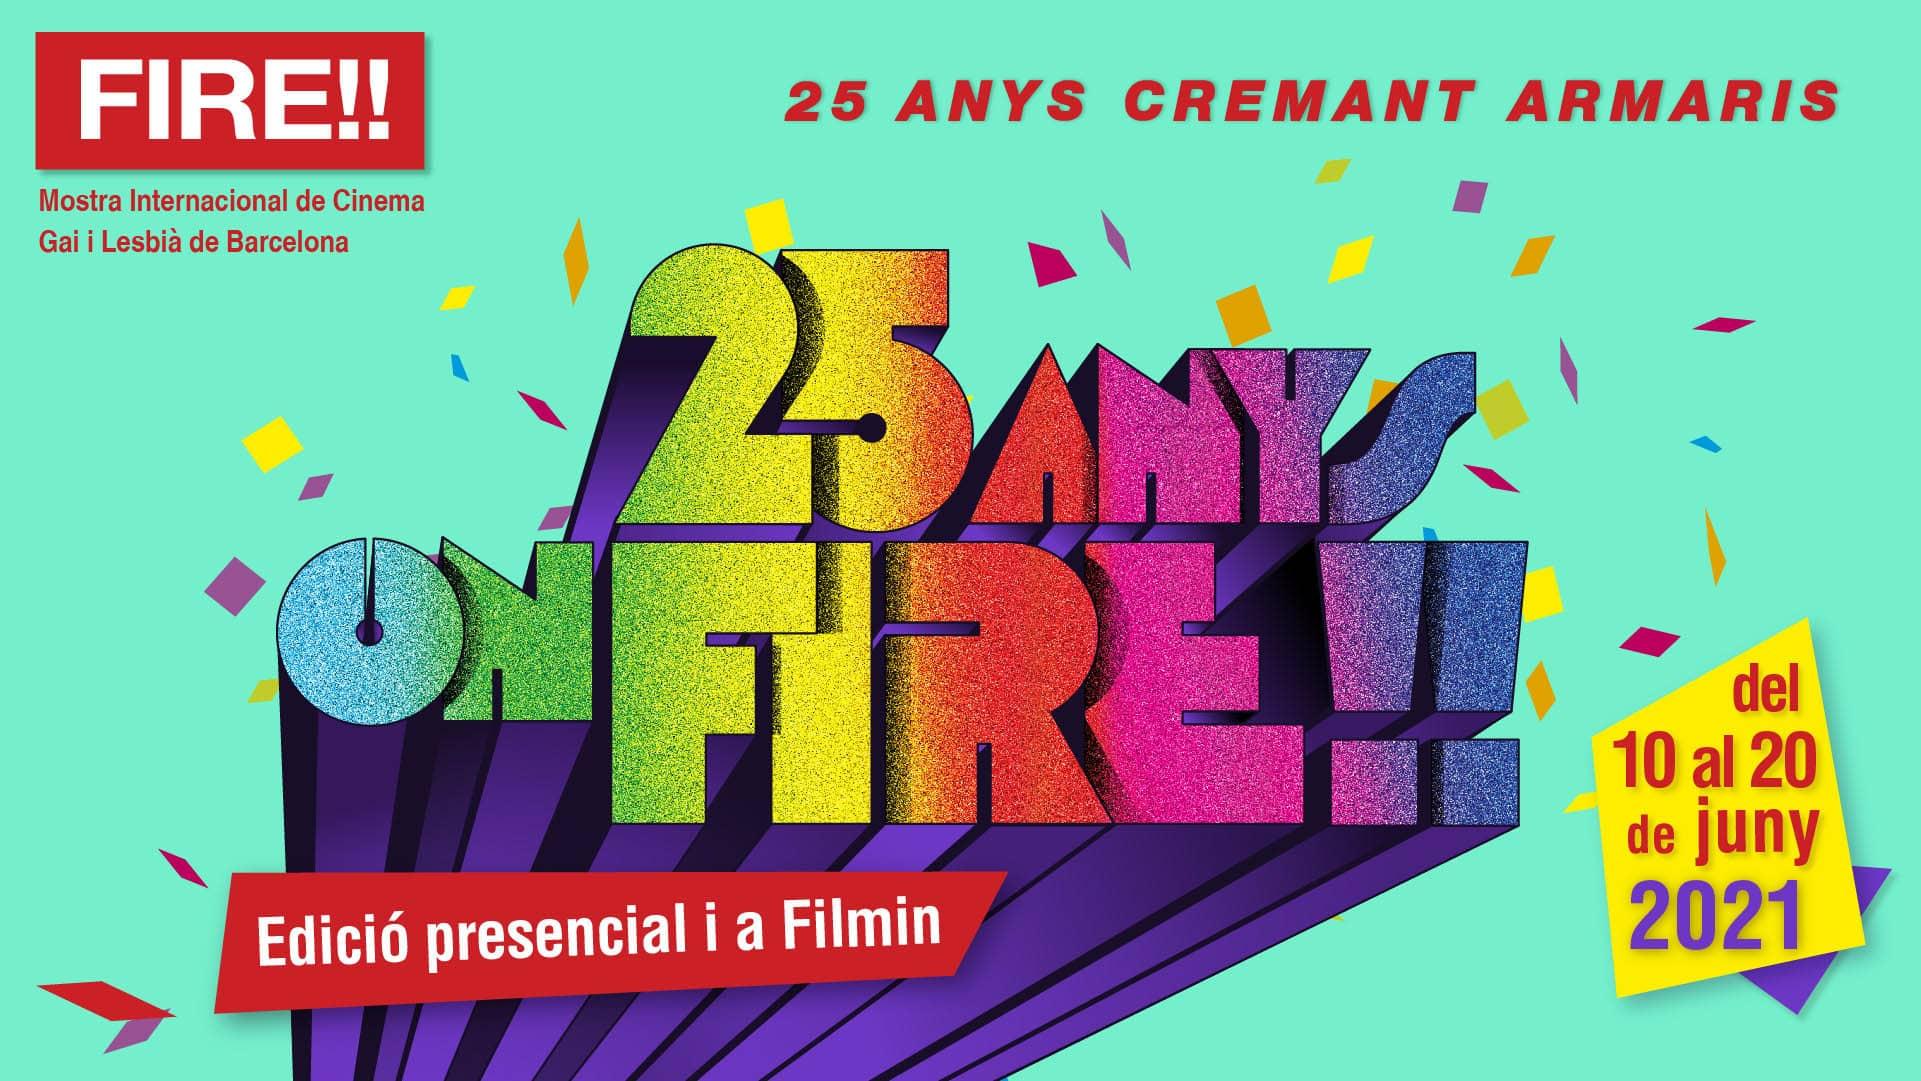 25 anys on FIRE!! Edició 2021 presencial i a FILMIN